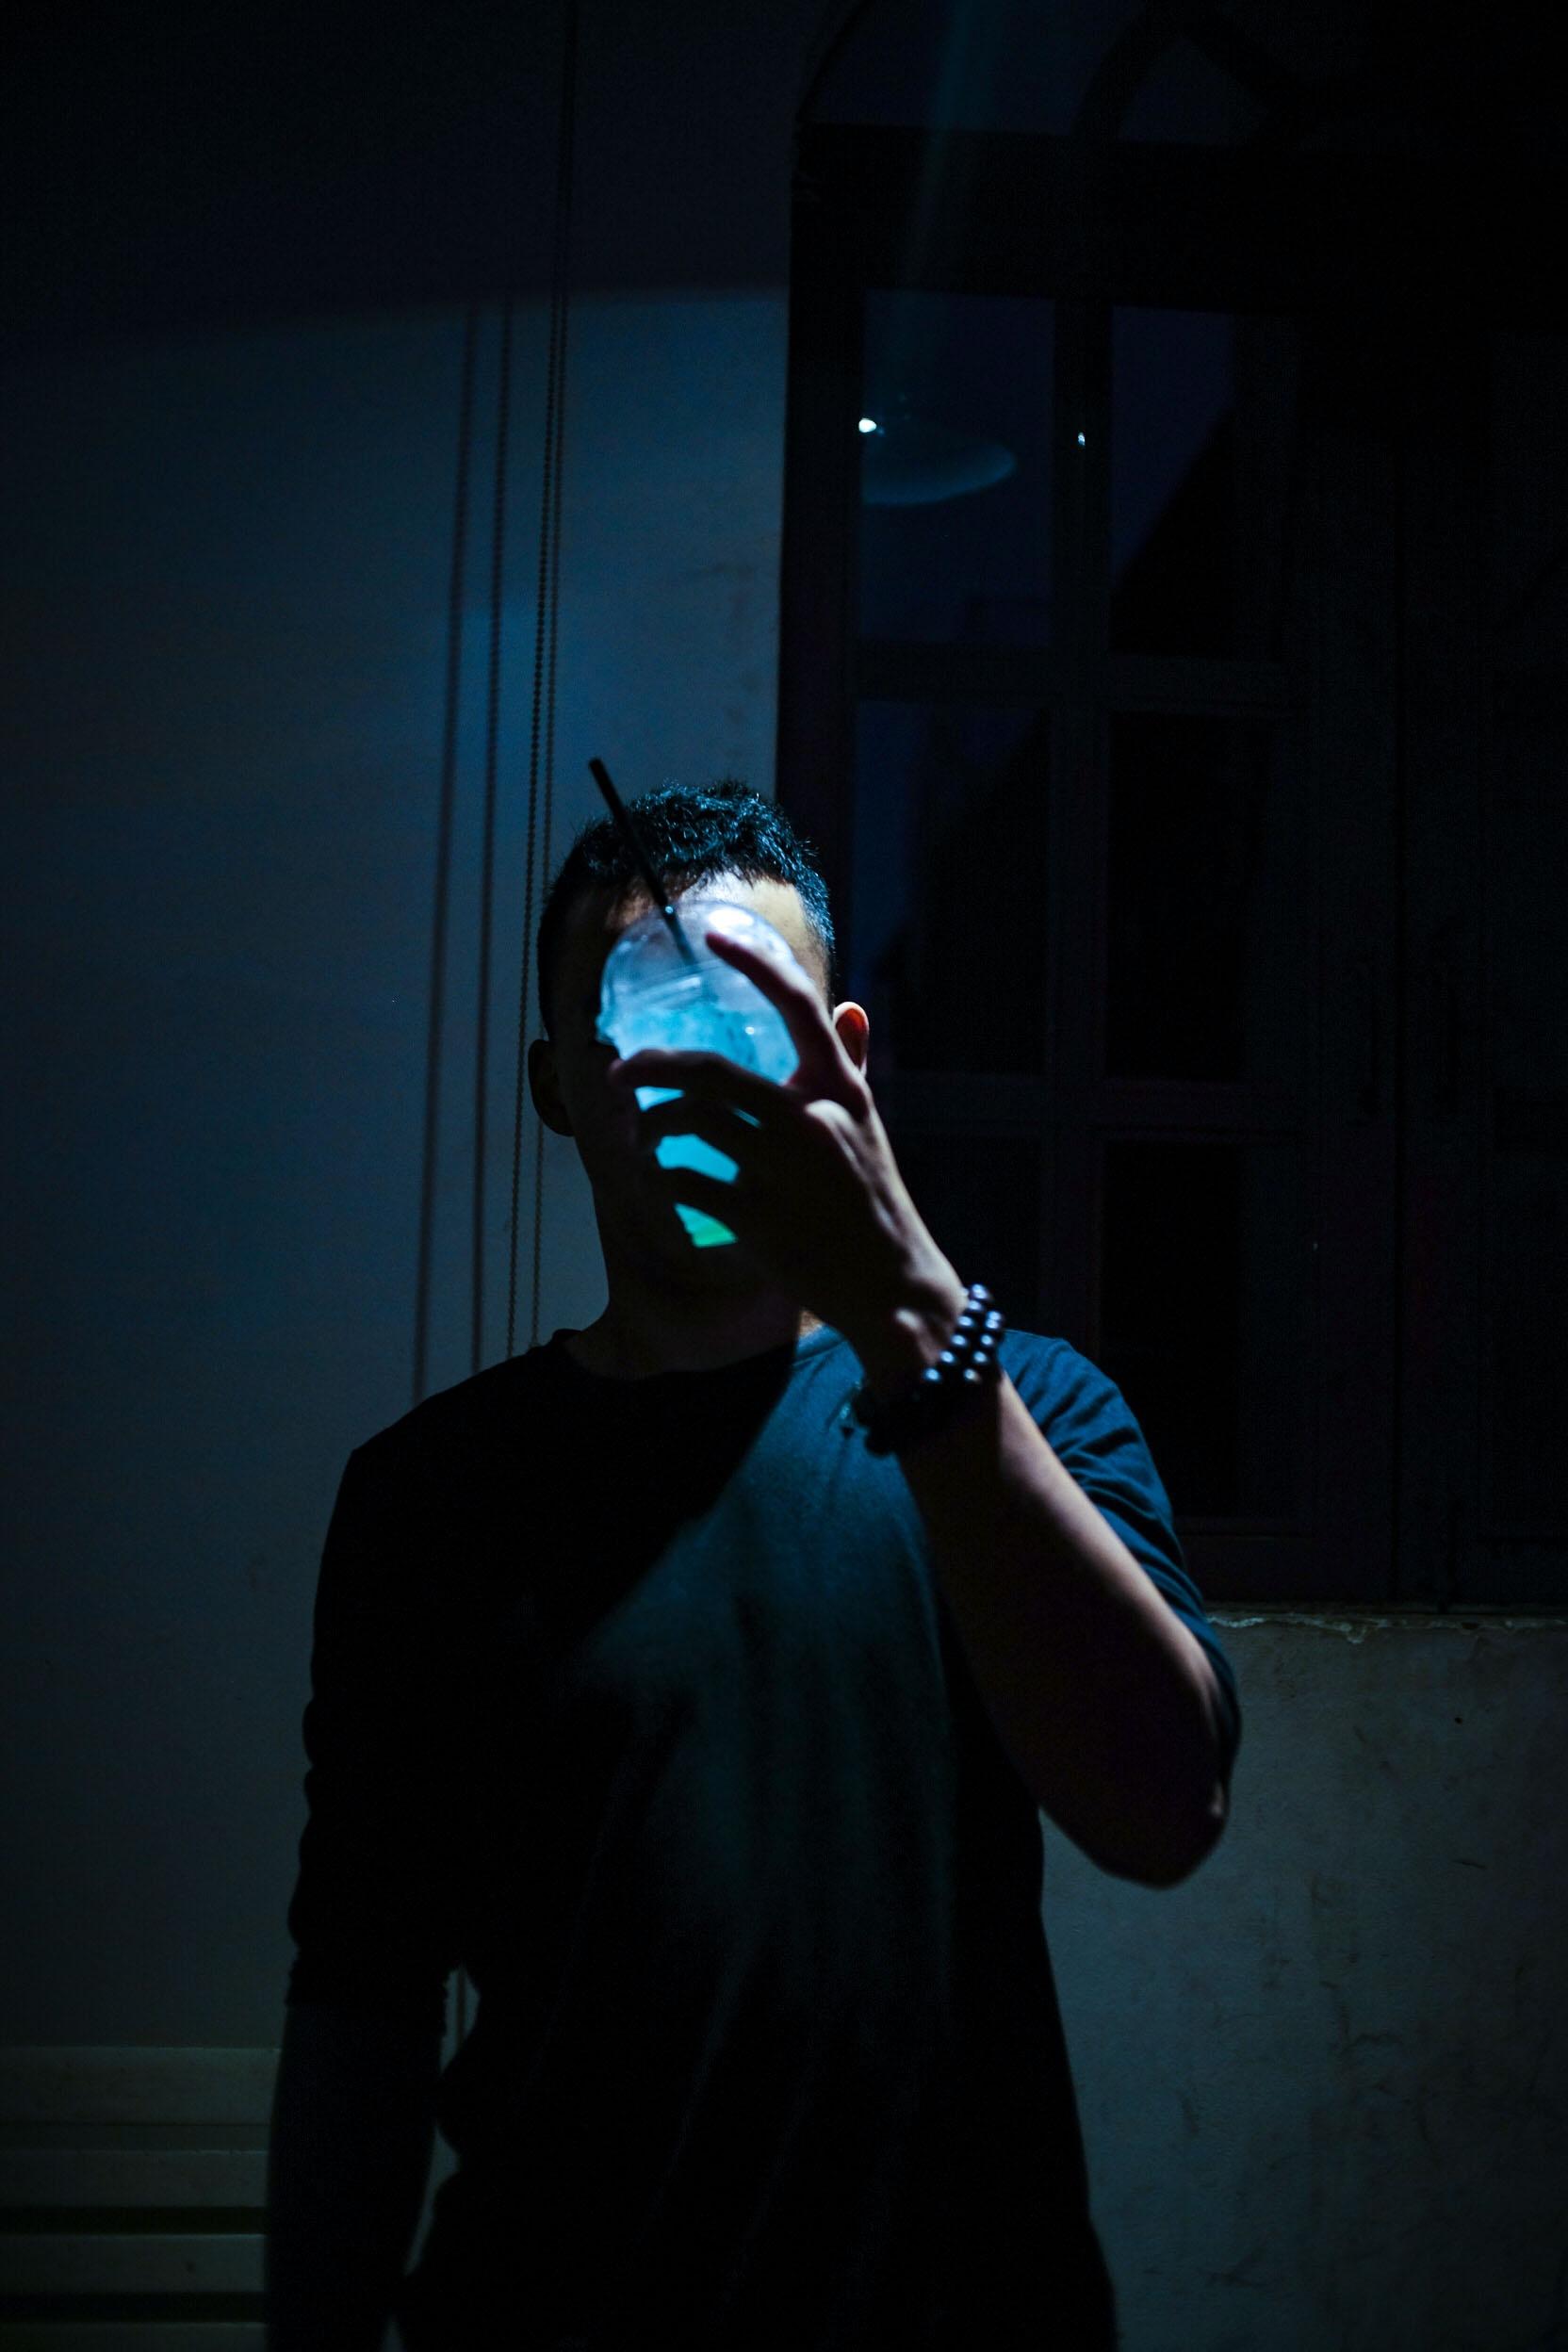 Go to Như Khải Trần's profile